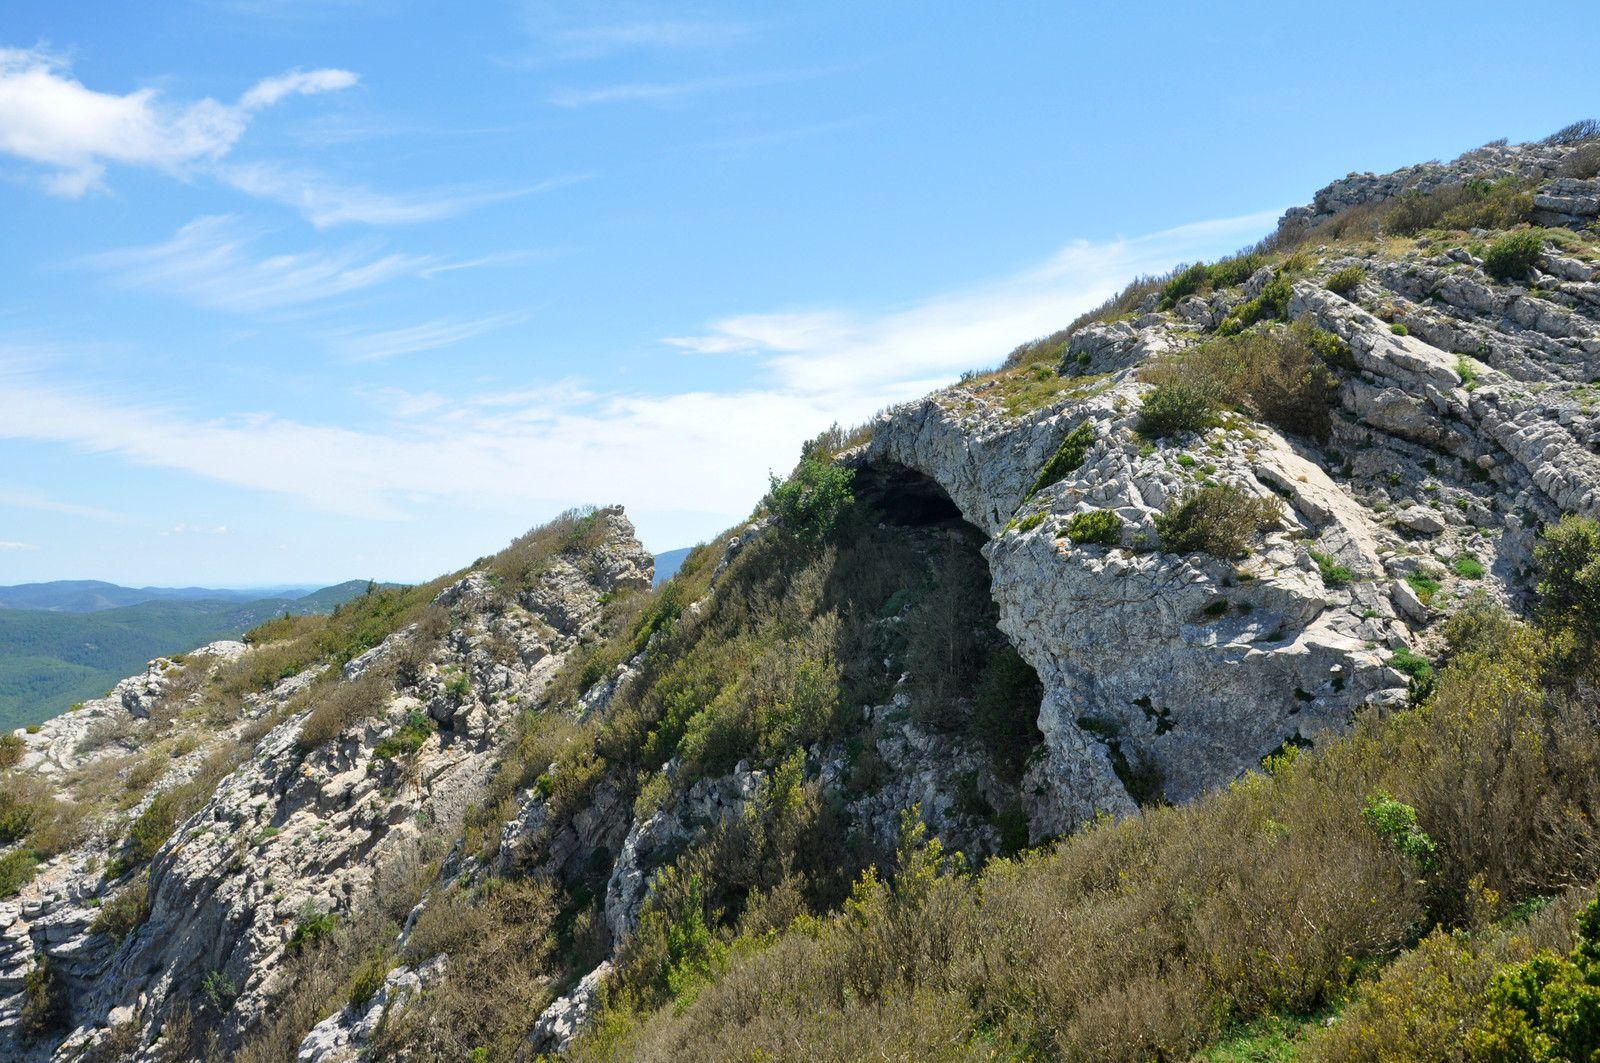 Ces rochers sont impressionnants